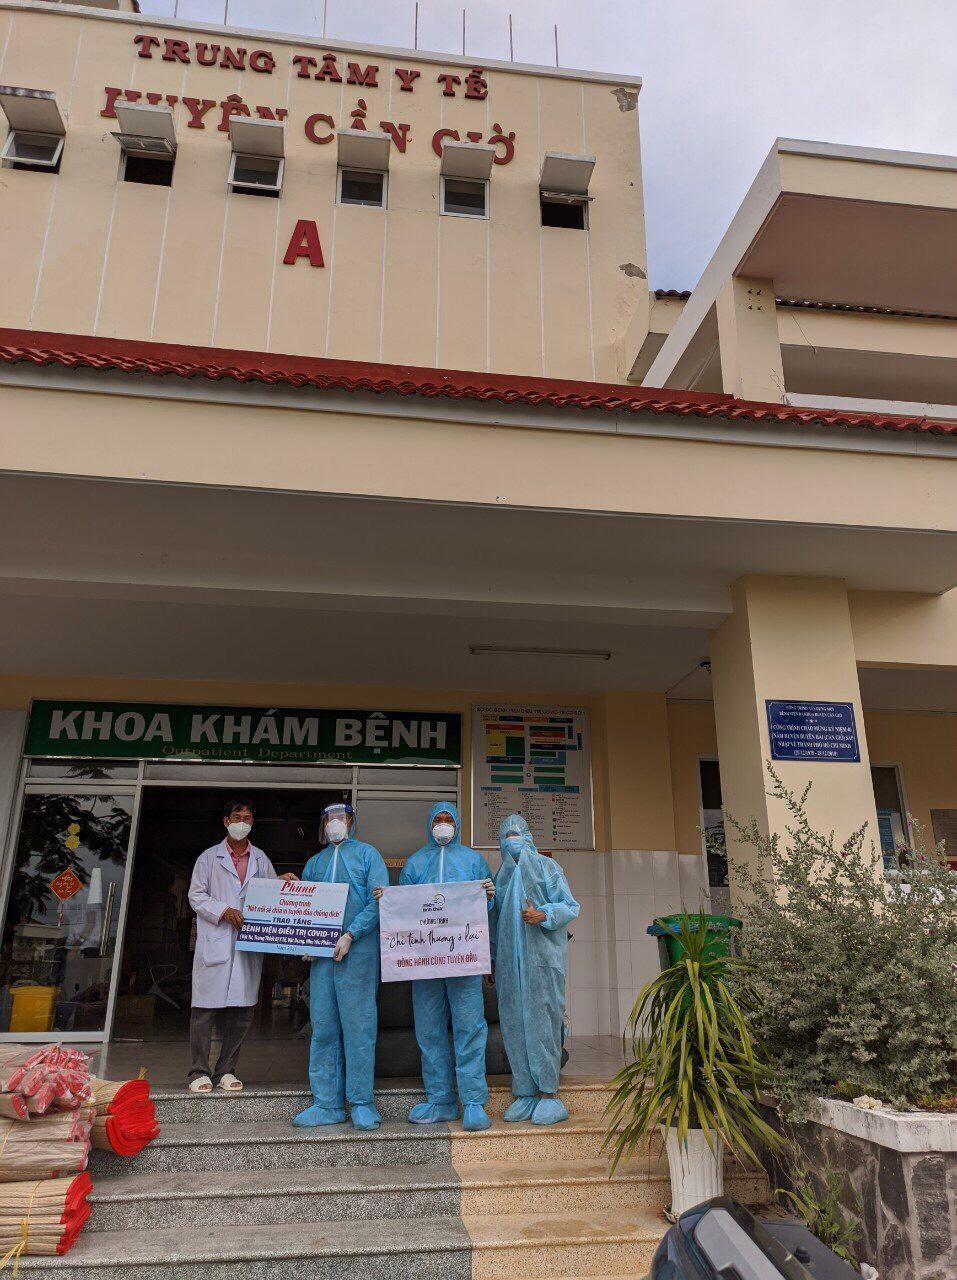 Nhóm thiện nguyện miền tỉnh thức tặng vật tư y tế đến bệnh viện điều trị COVID-19 Cần Giờ